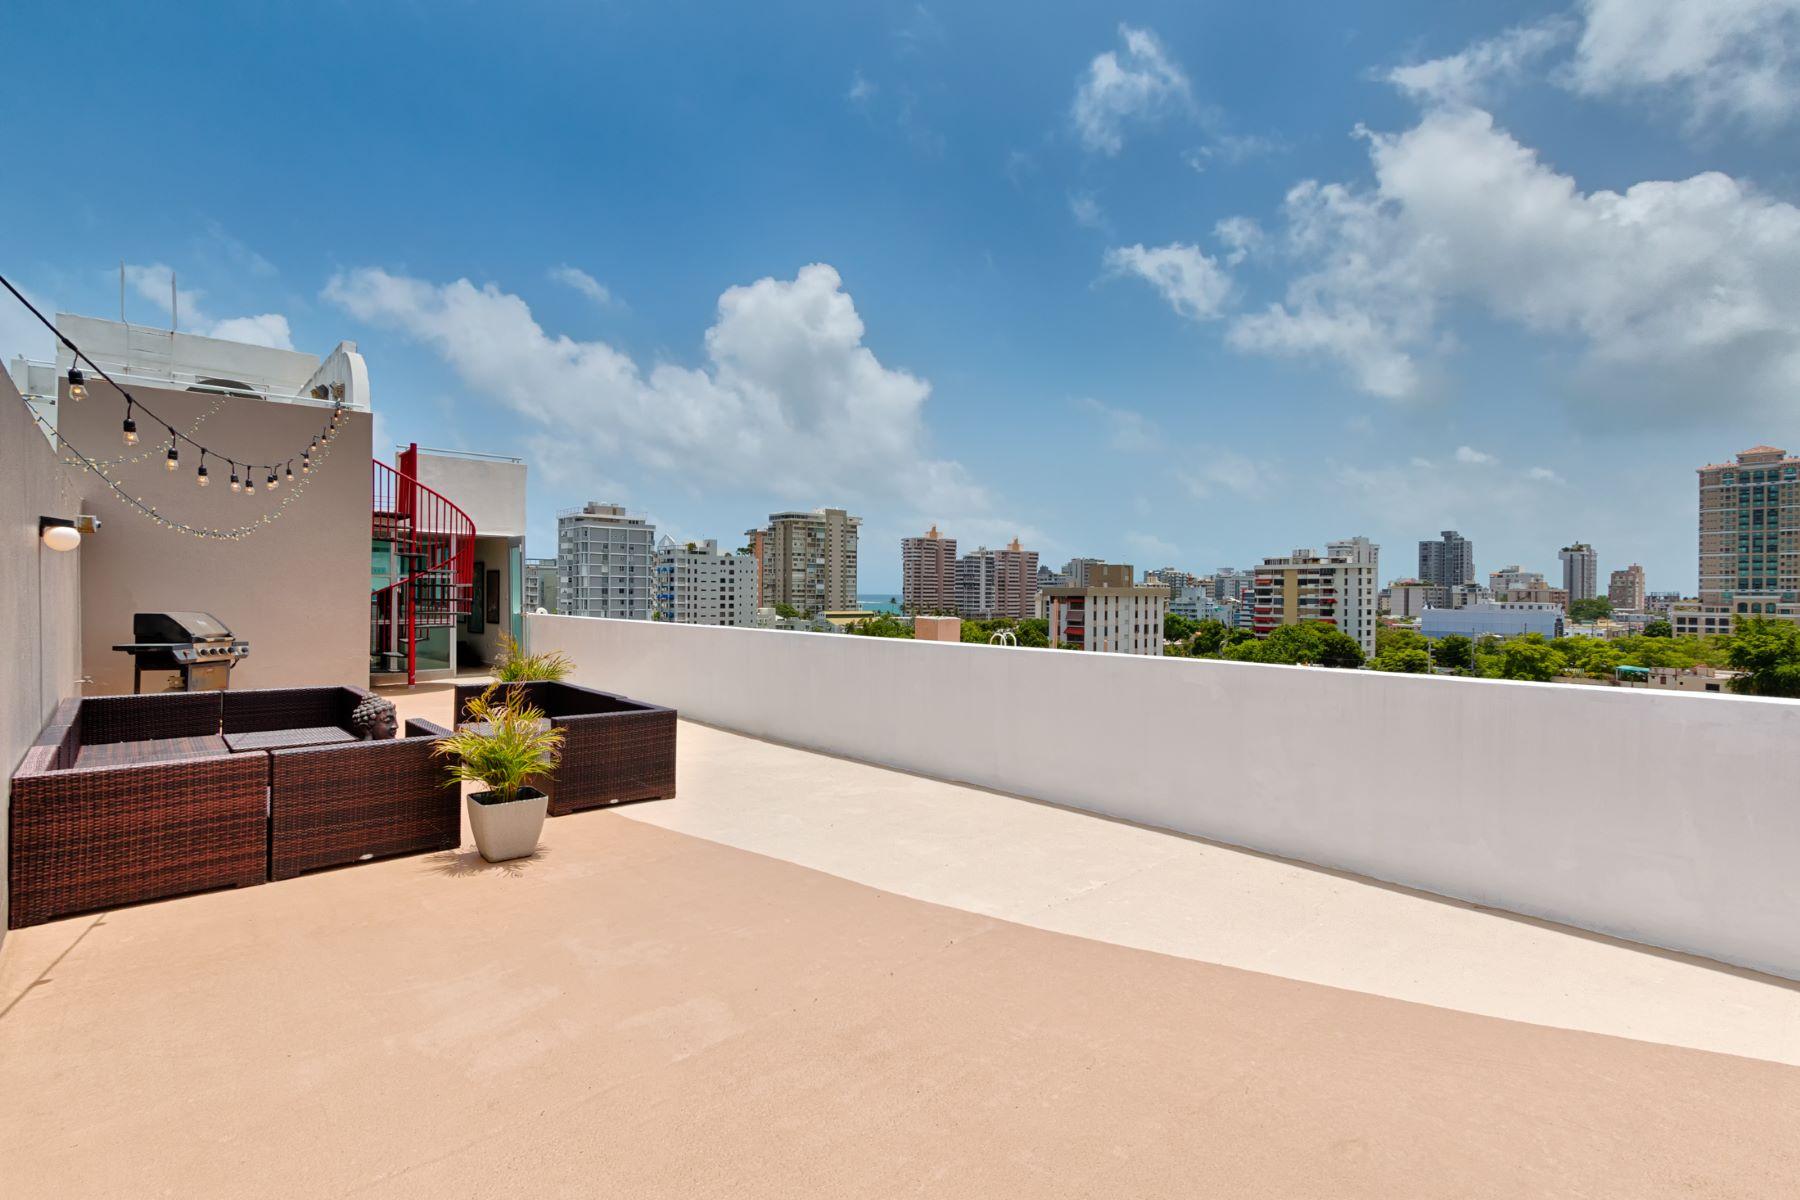 公寓 為 出售 在 Costa Condado Penthouse 1420 Wilson Street Apt. 801 San Juan, 00907 波多黎各